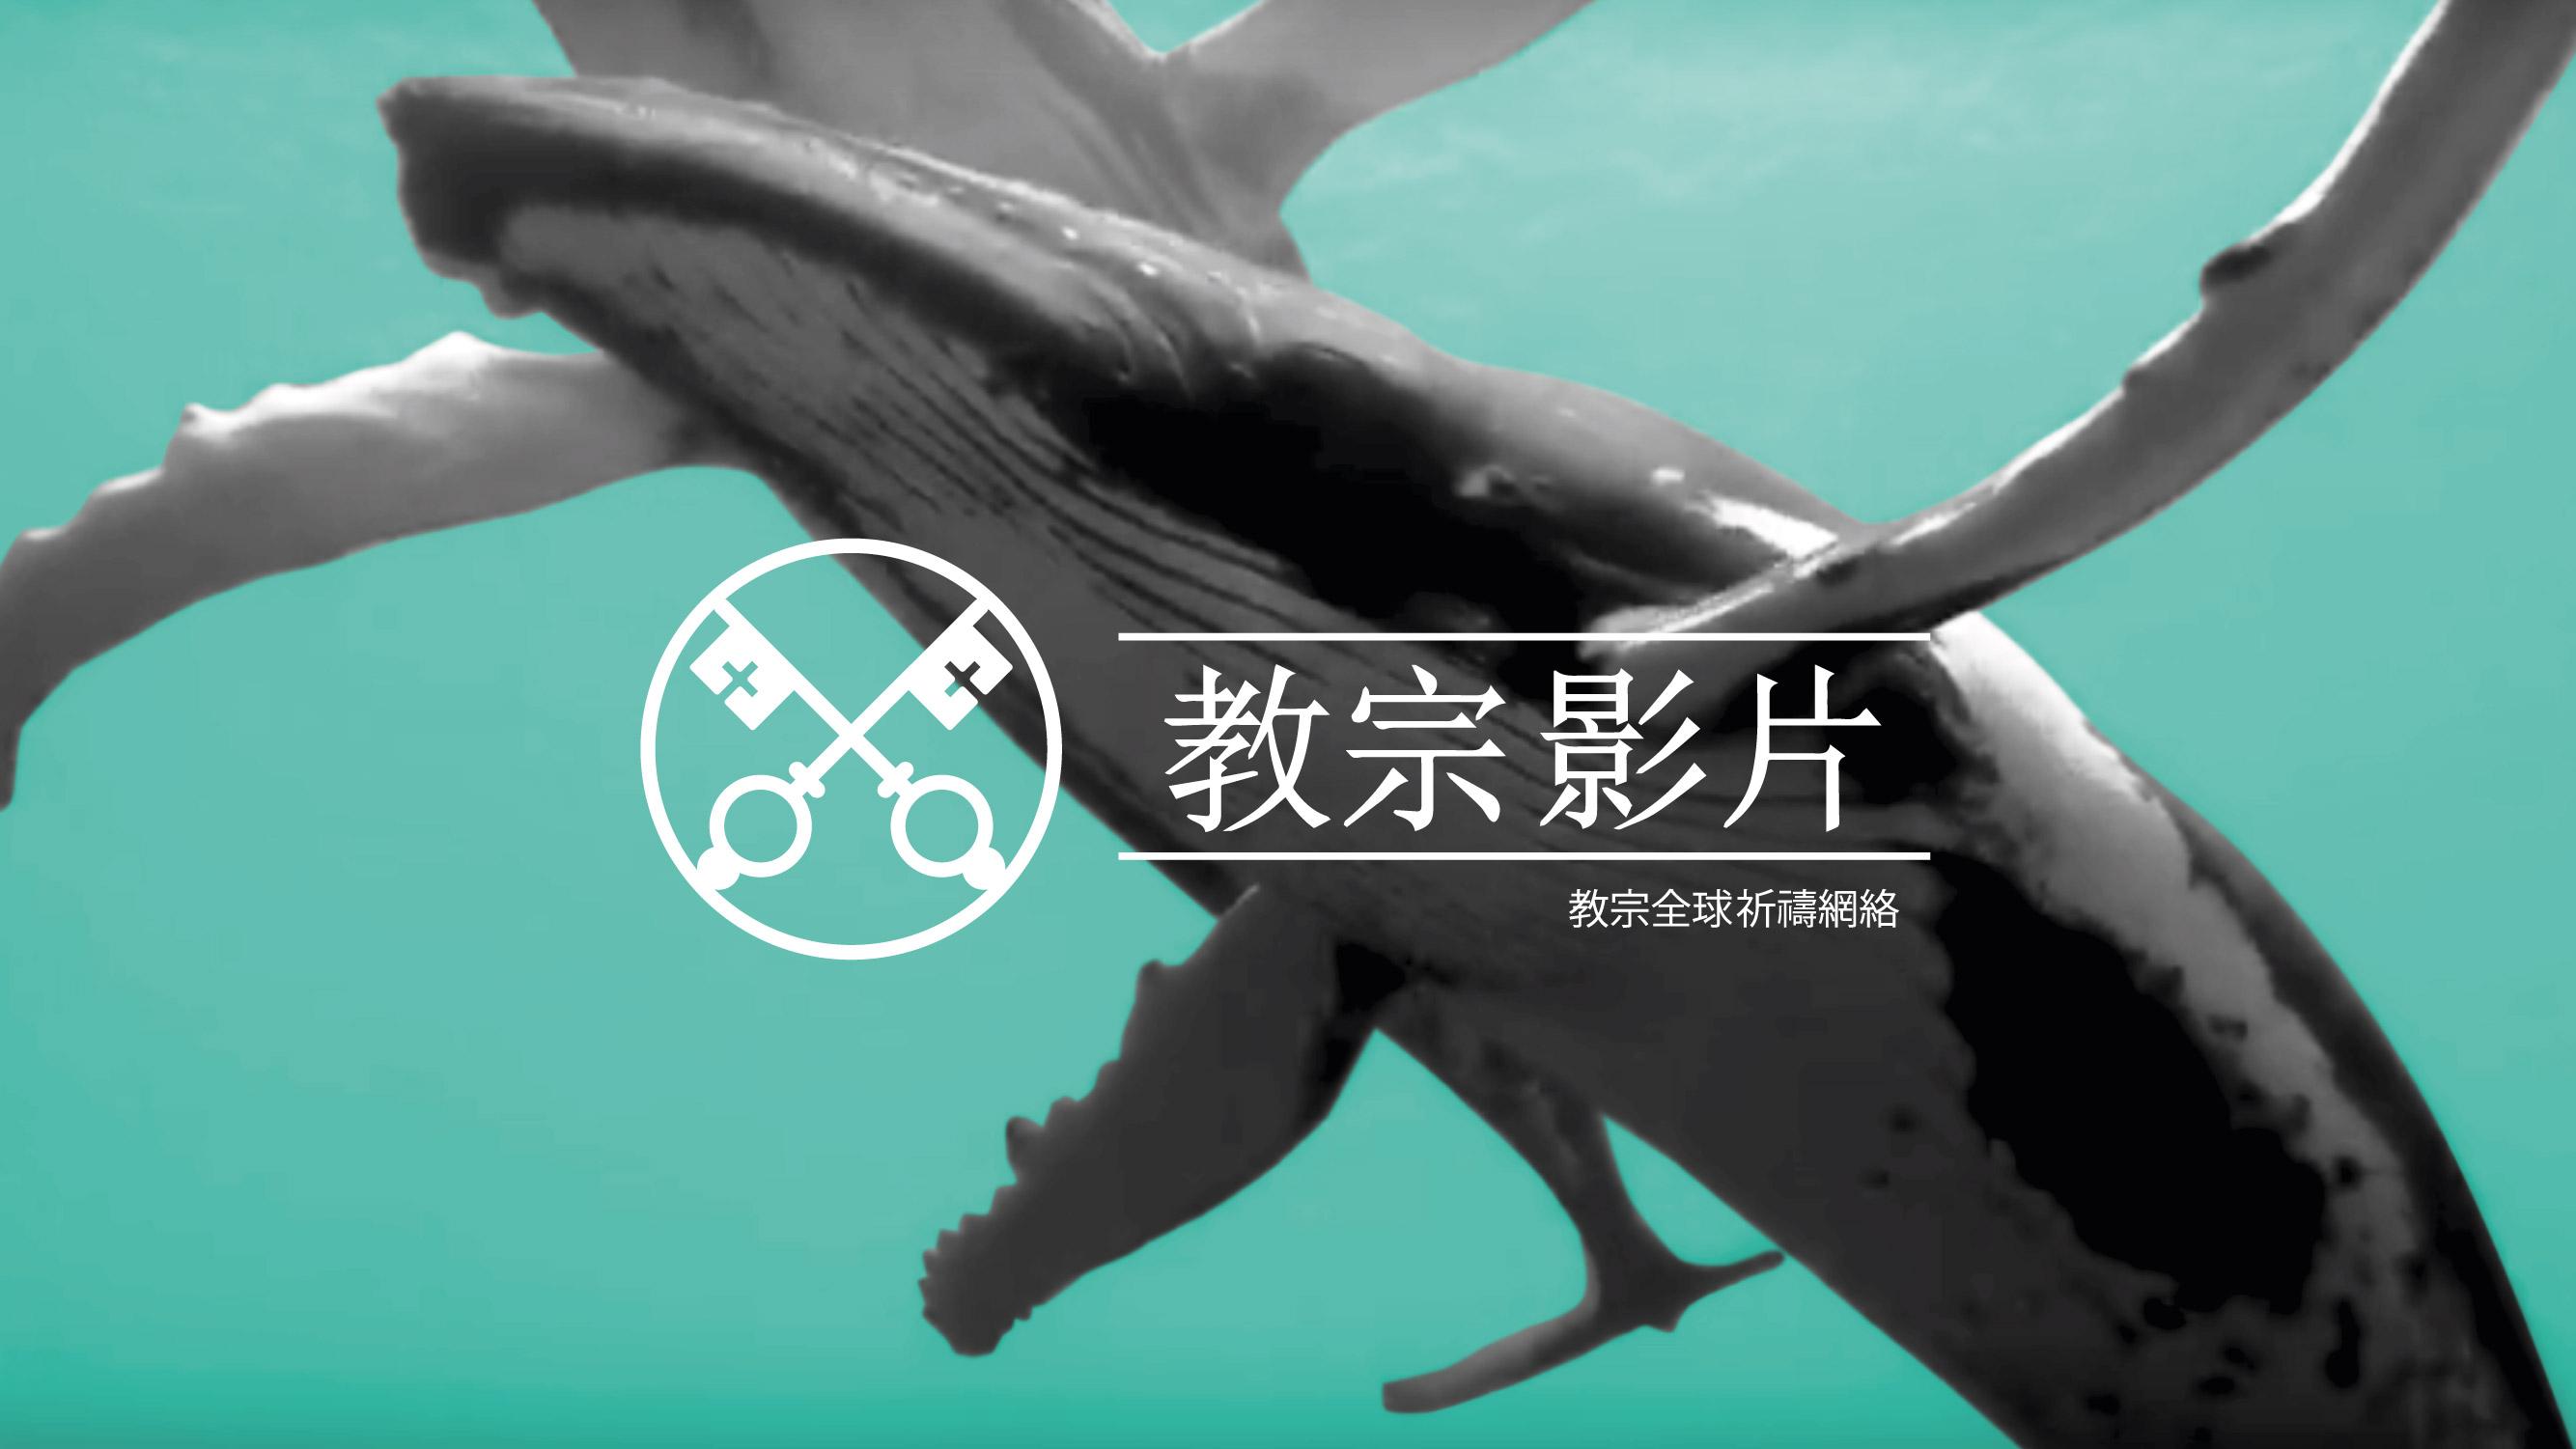 九月 : 為保護海洋